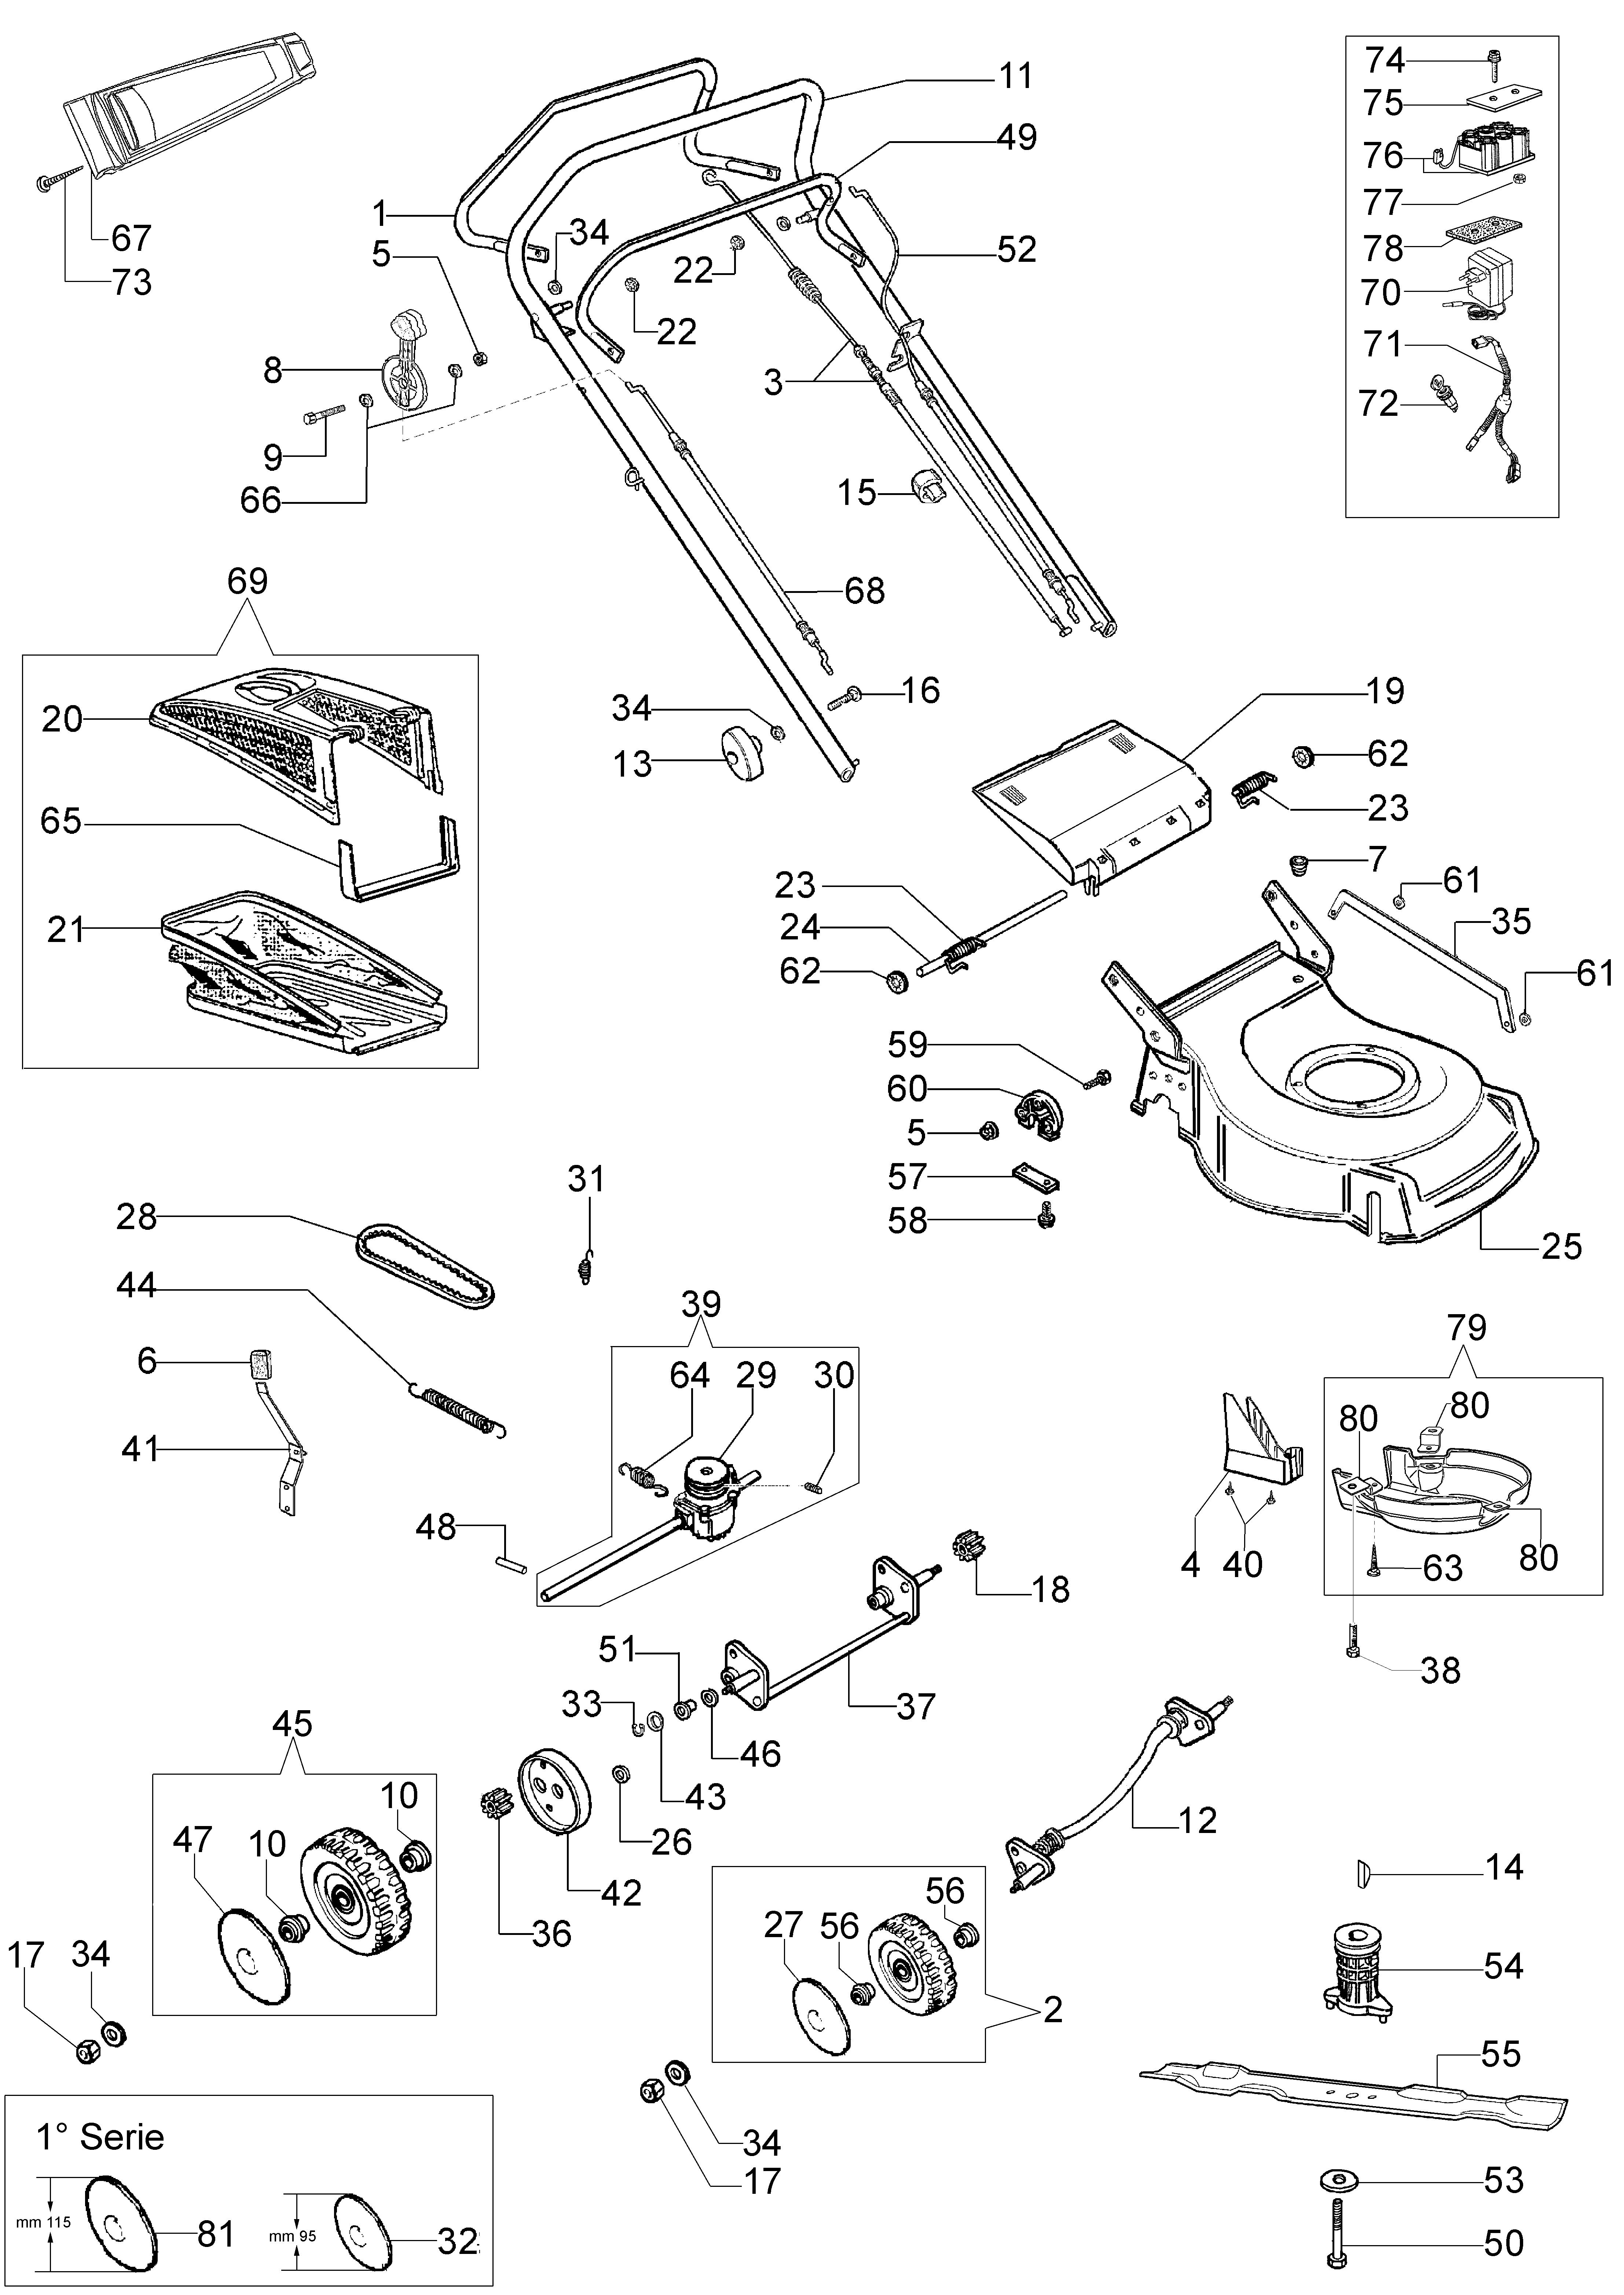 G 48 TBXE Tondeuse Oleomac Dessins pièces -  Vue éclatée (Depuis Juin 07)